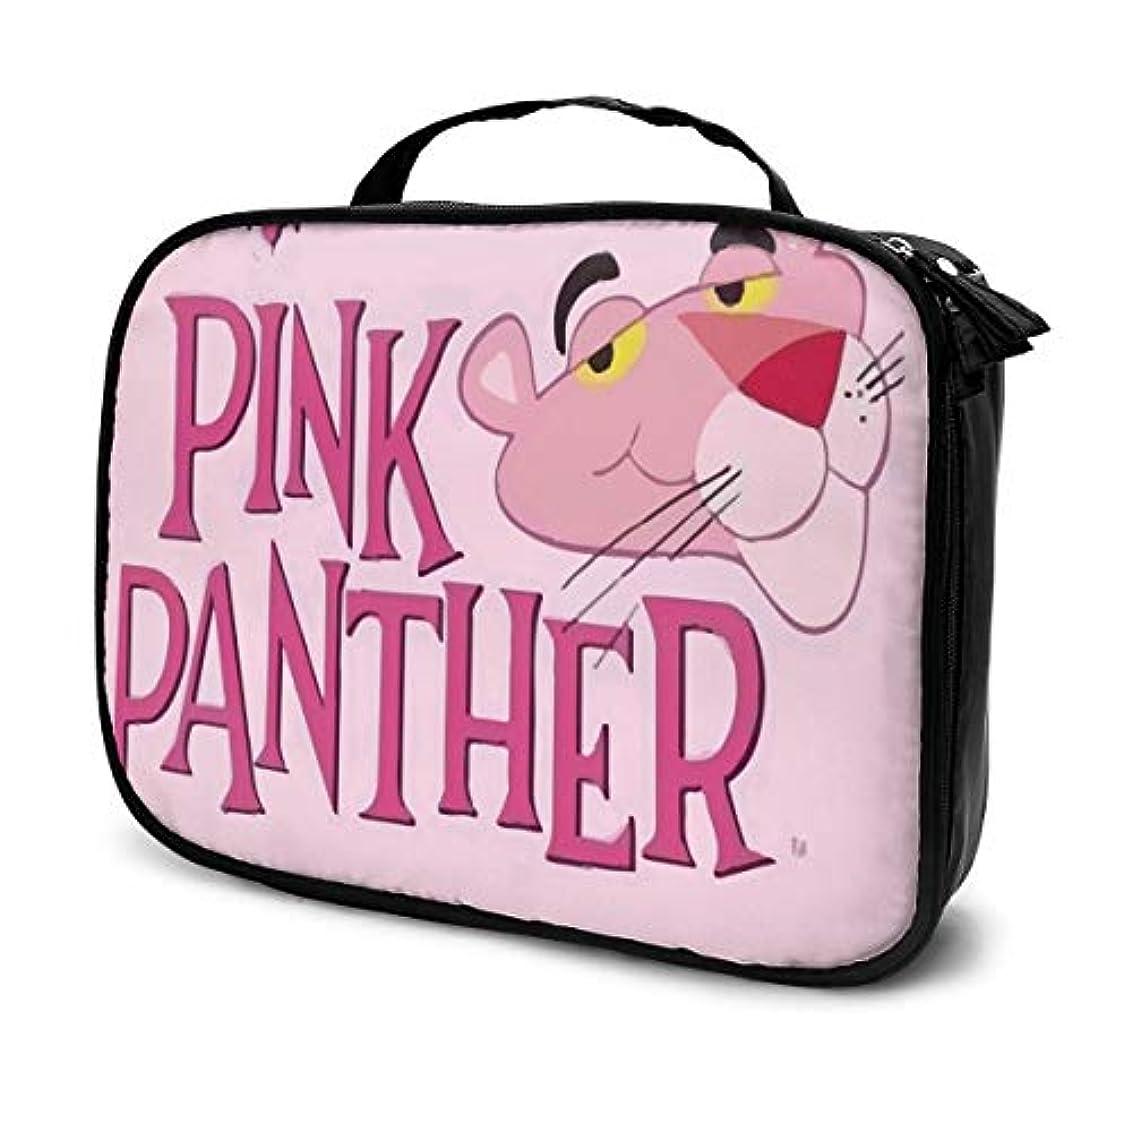 概念マラウイ場所ピンクパンサー 化粧ポーチ 大容量 コンパクト収納 旅行で持ち運びが簡単 おしゃれ 人気